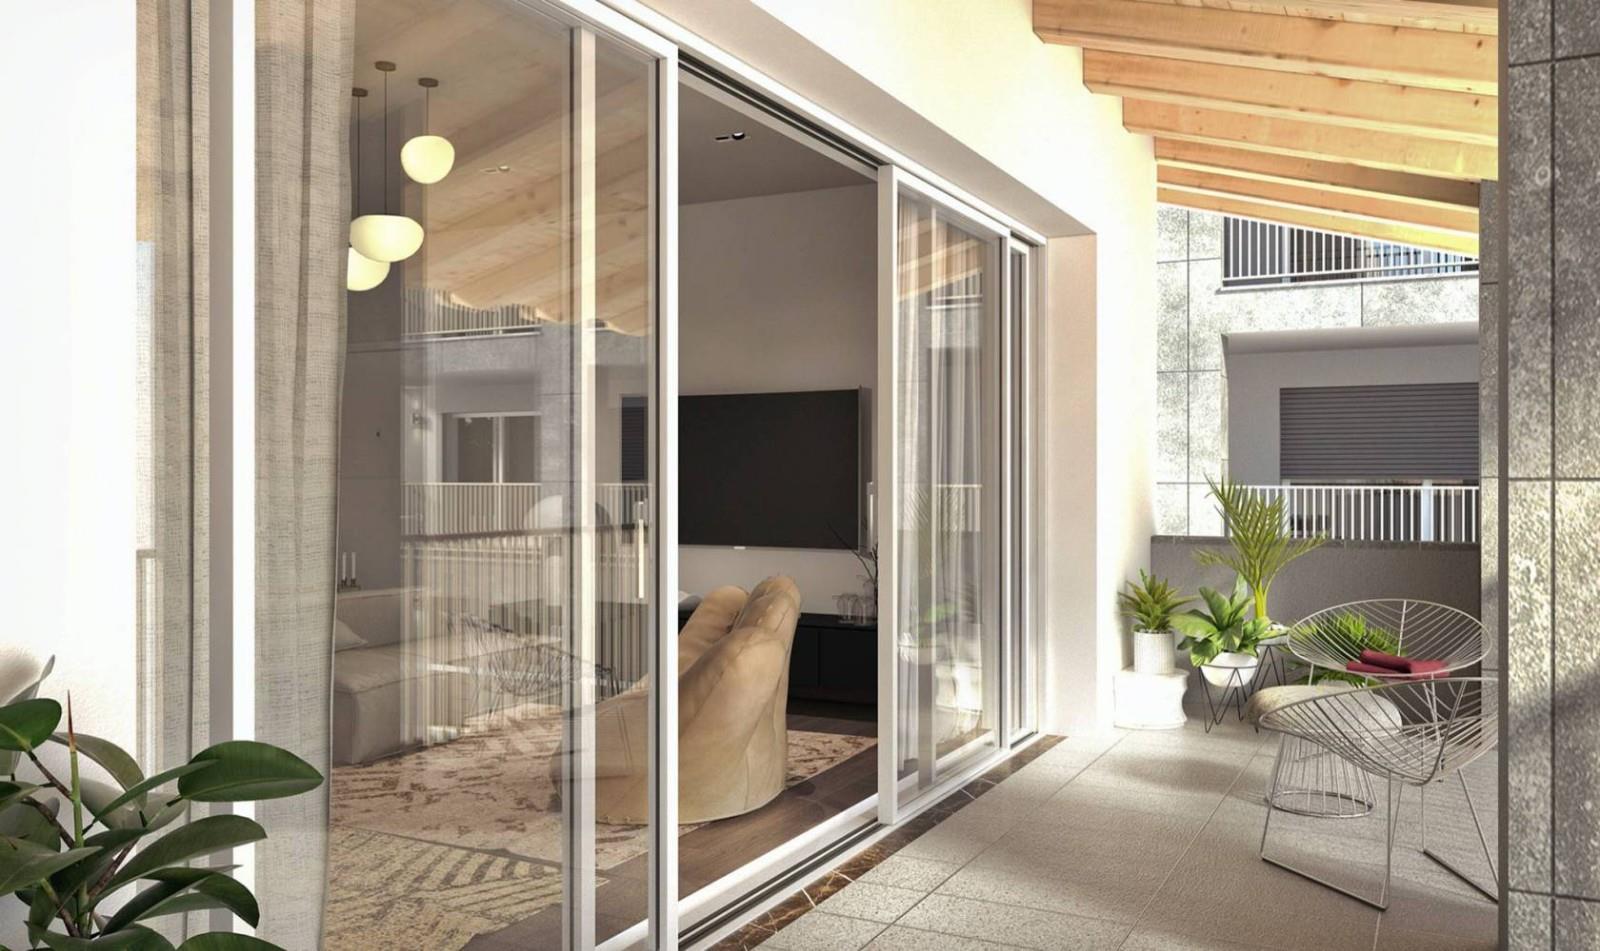 Foto 11 - Appartamento in Vendita - Monza, Zona Regina Pacis